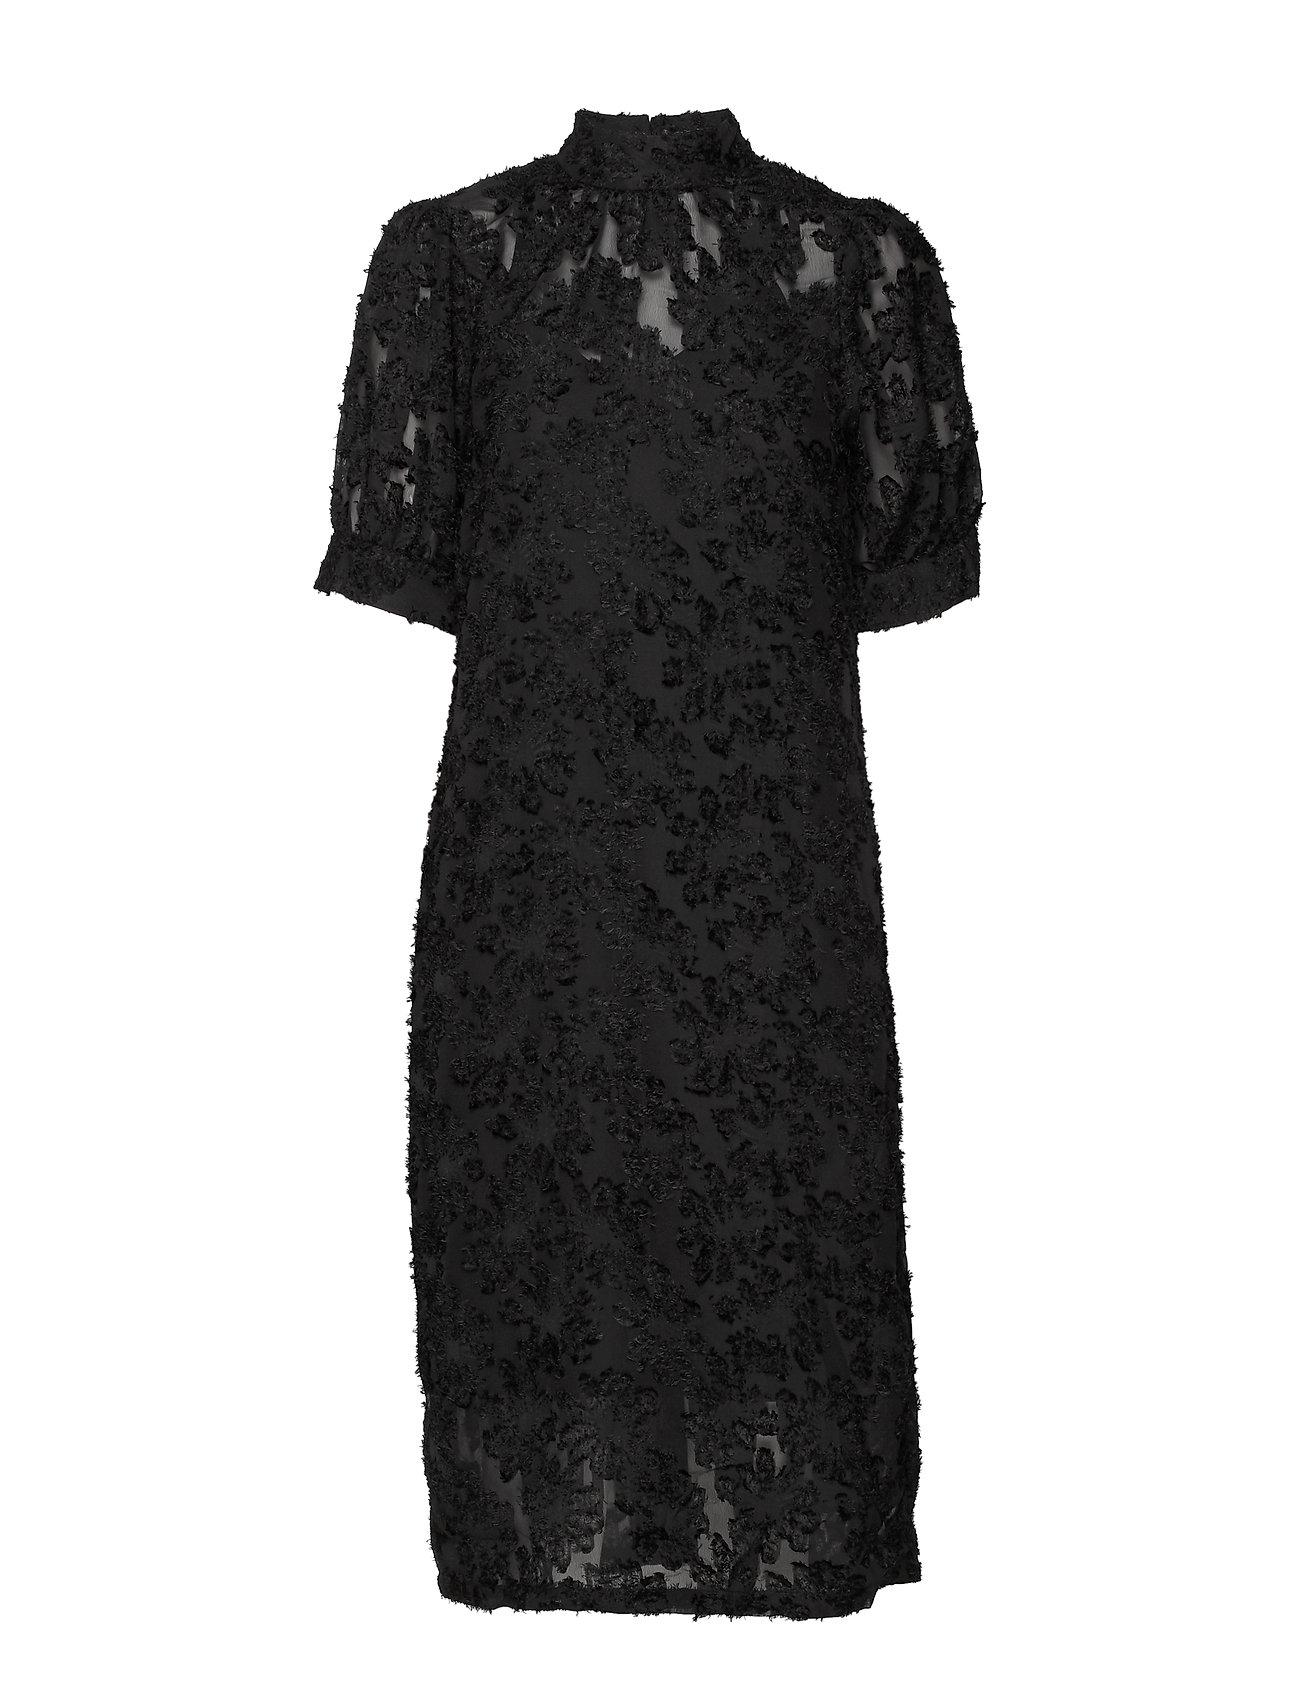 Vero Moda VMICE 2/4 BLK DRESS VMA - BLACK